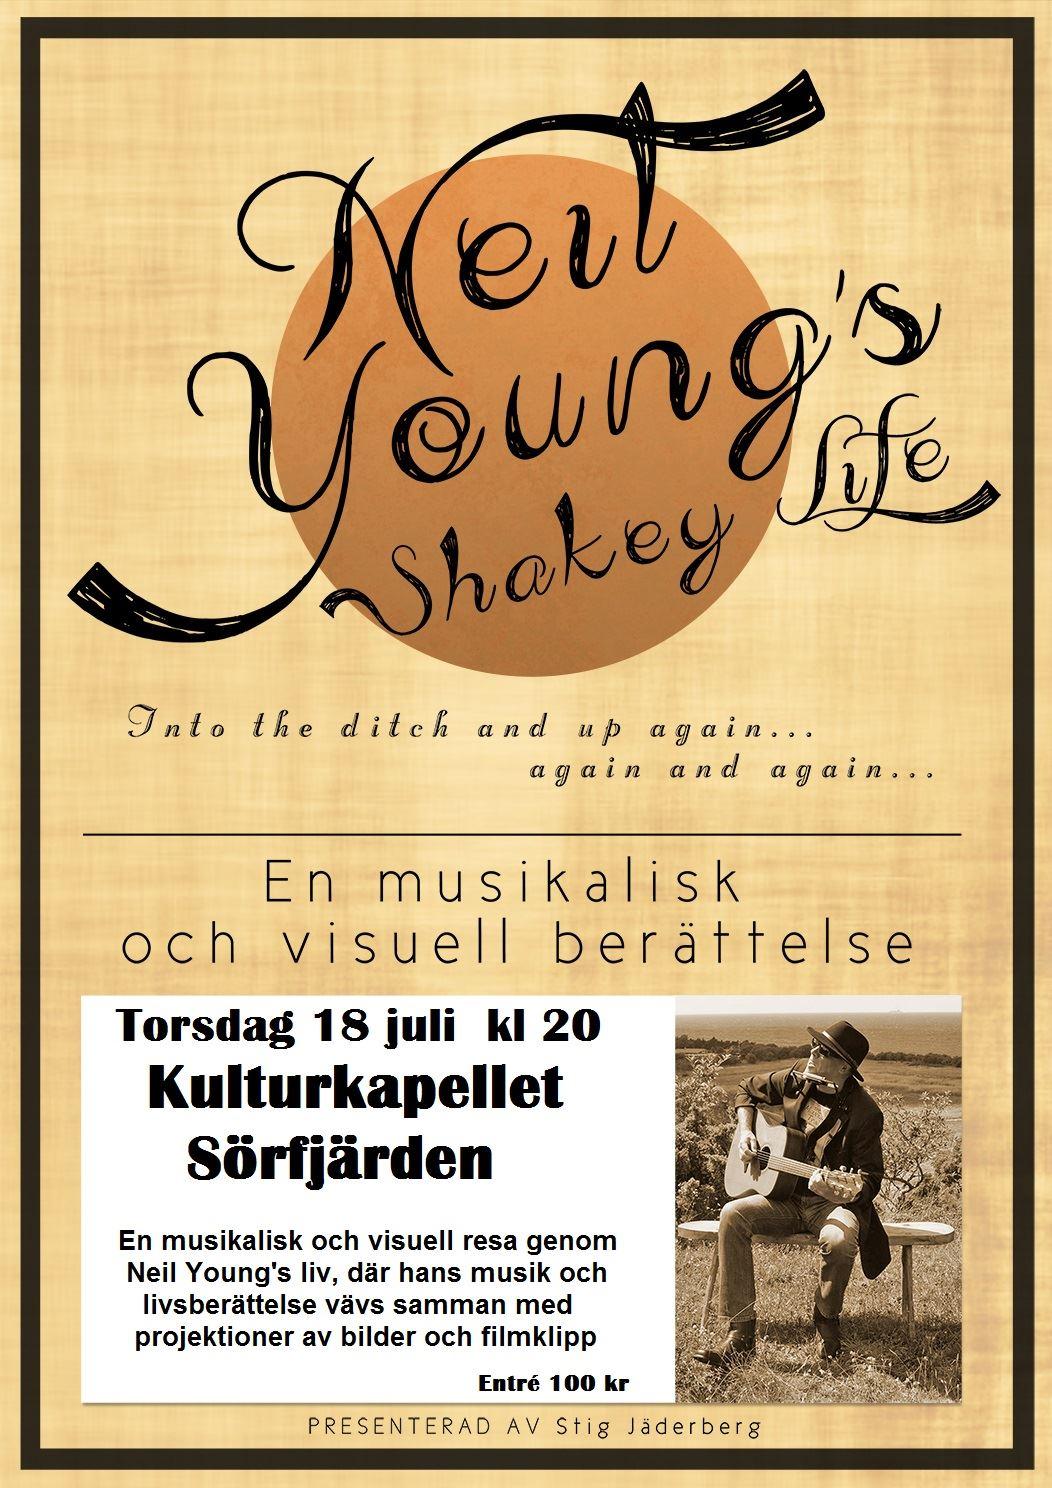 musik, sörfjärden, stig jäderberg, neil young's shakey life,  © musik, sörfjärden, stig jäderberg, neil young's shakey life, musik, sörfjärden, stig jäderberg, neil young's shakey life